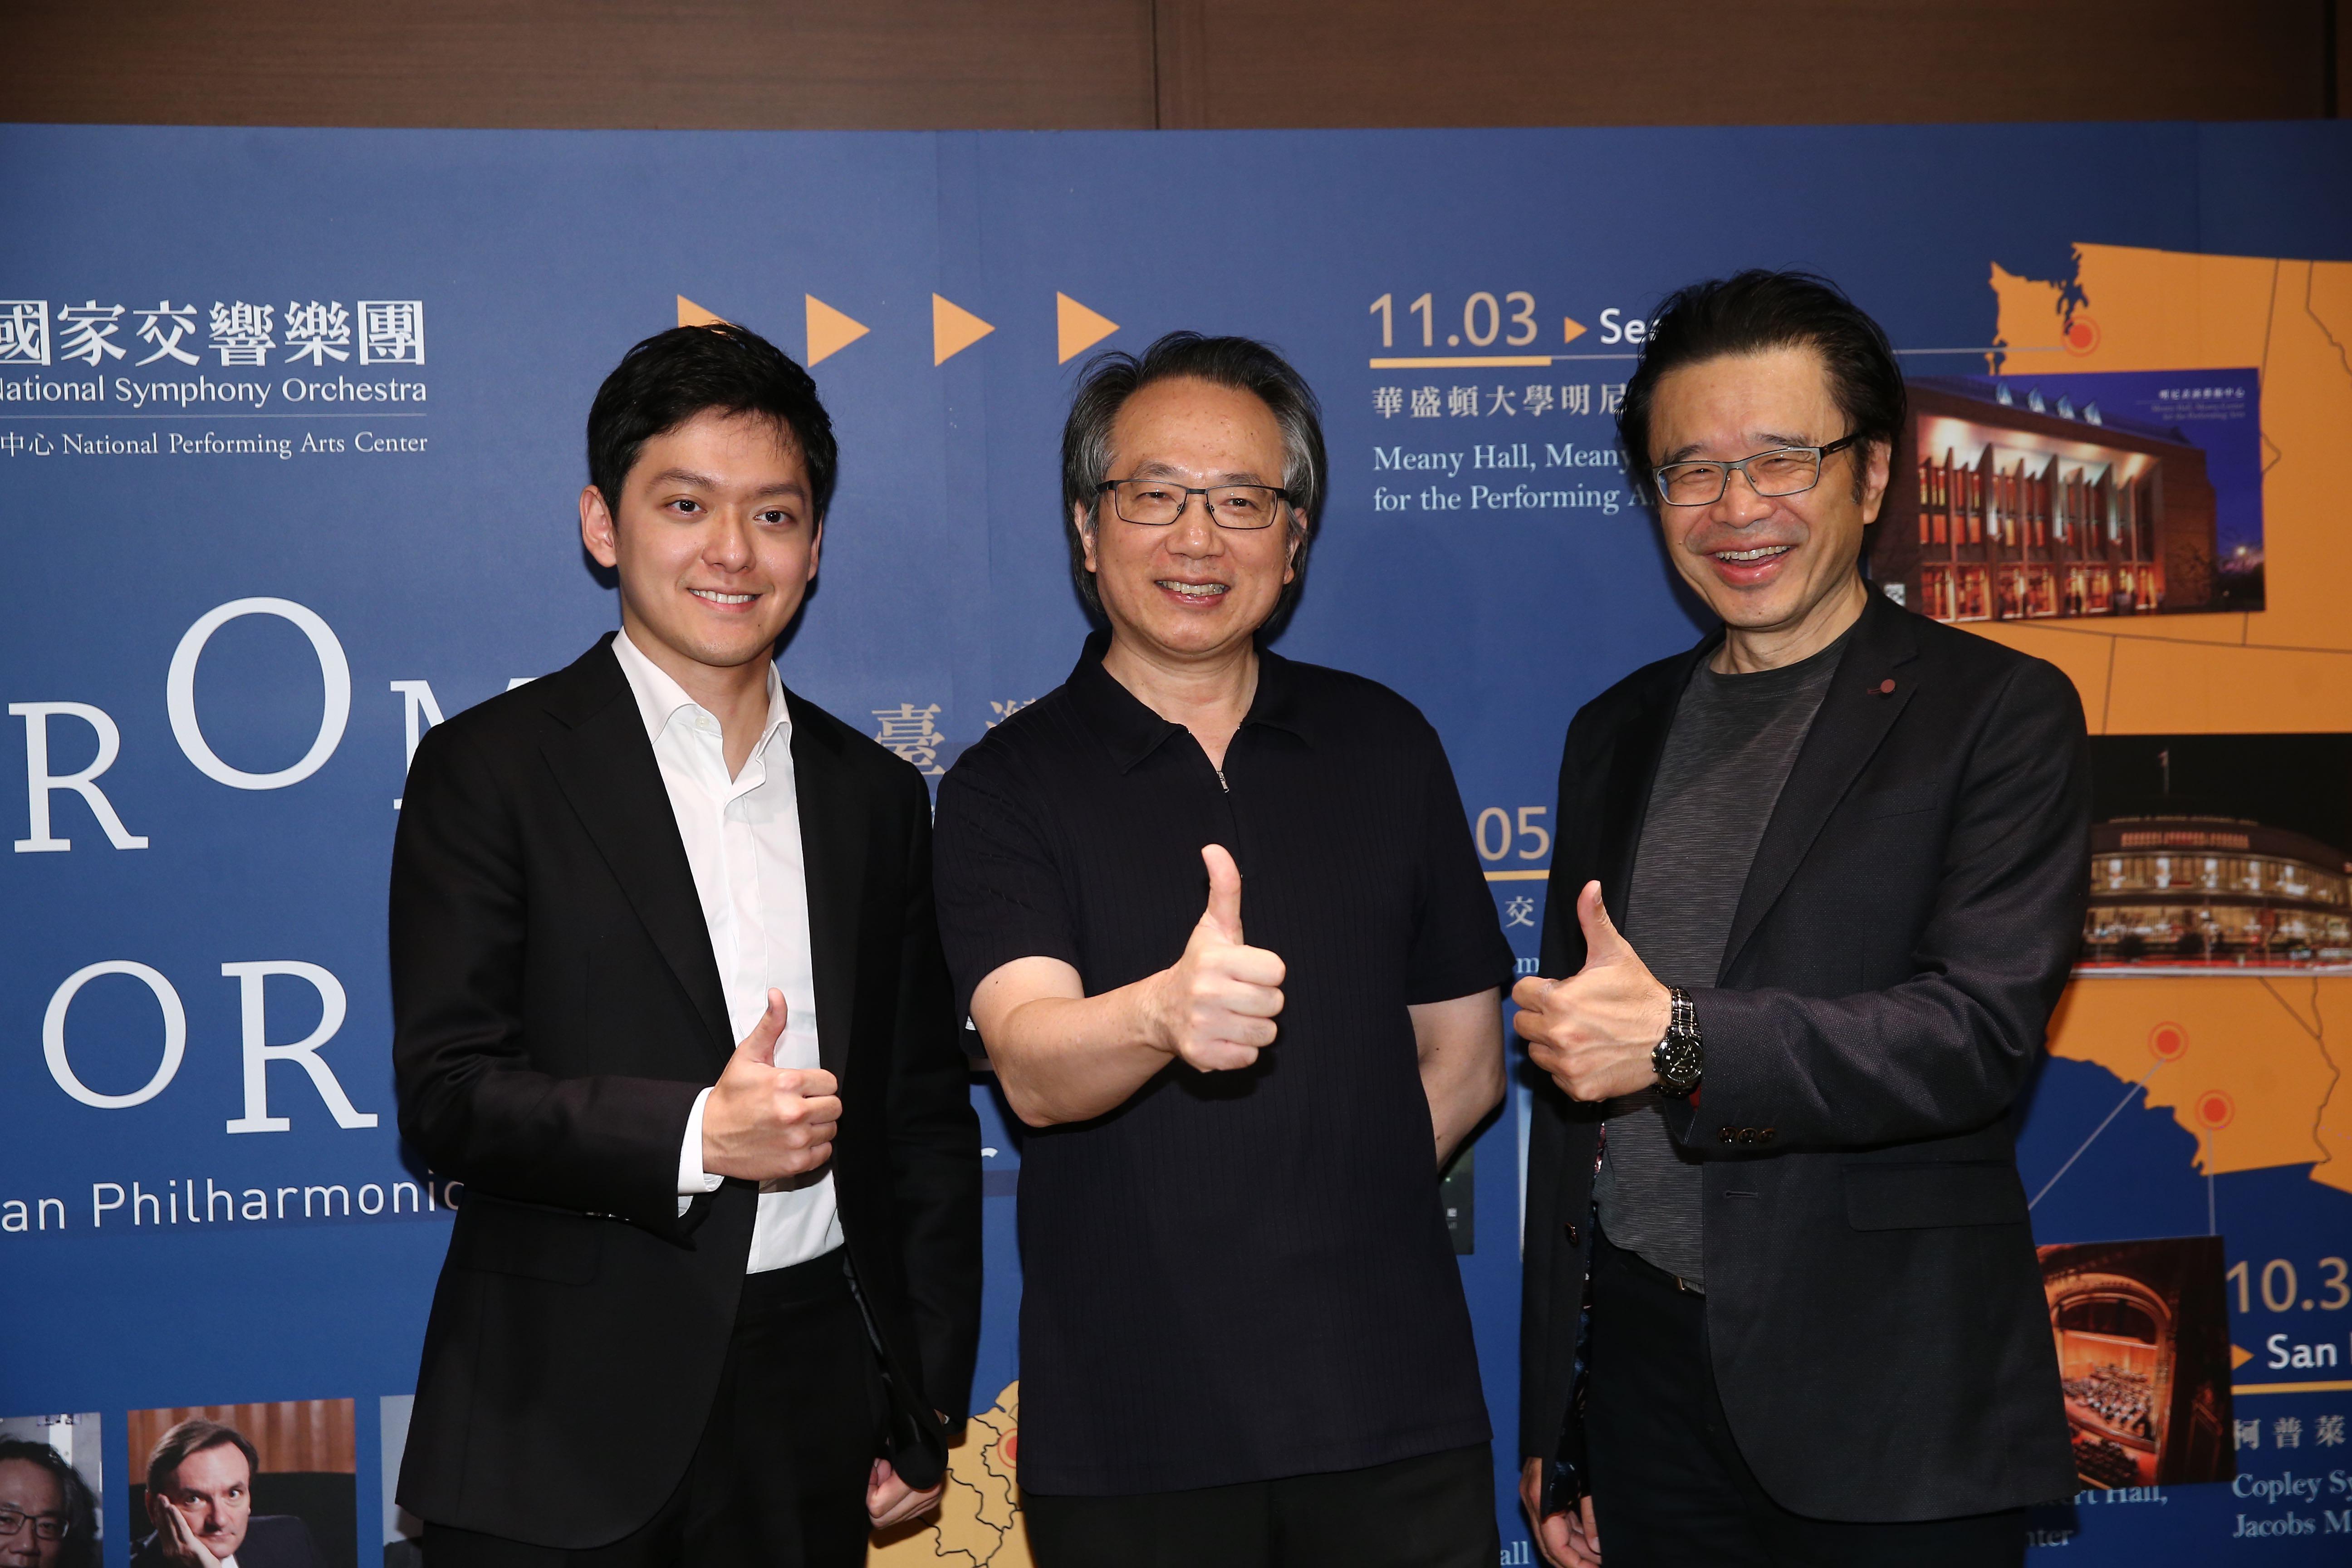 三位音樂家合影(由左至右:小提琴家曾宇謙;nso音樂總監呂紹嘉;作曲家金希文)